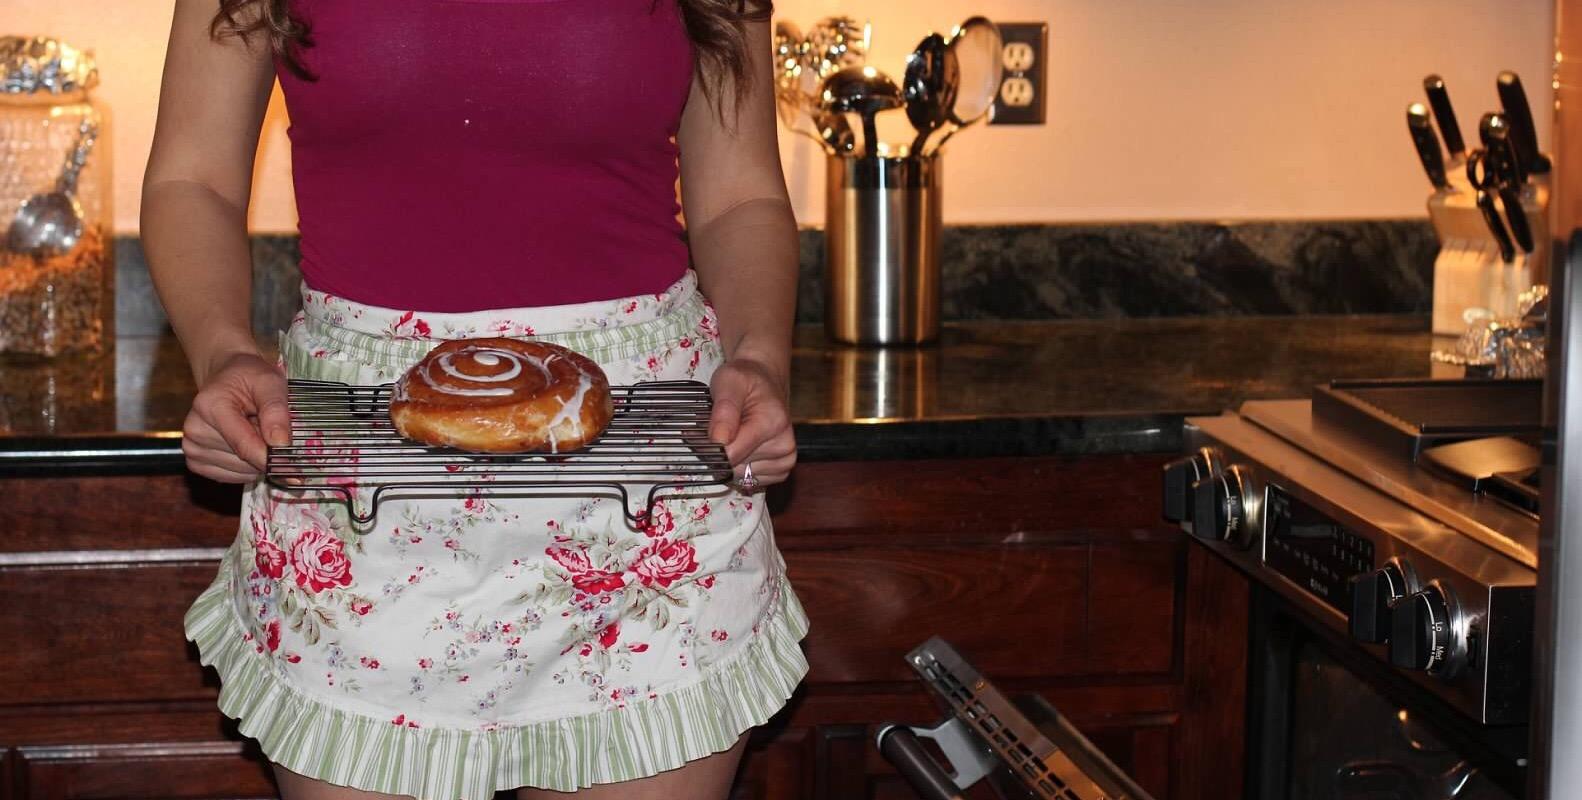 woman holding cinnamon bun